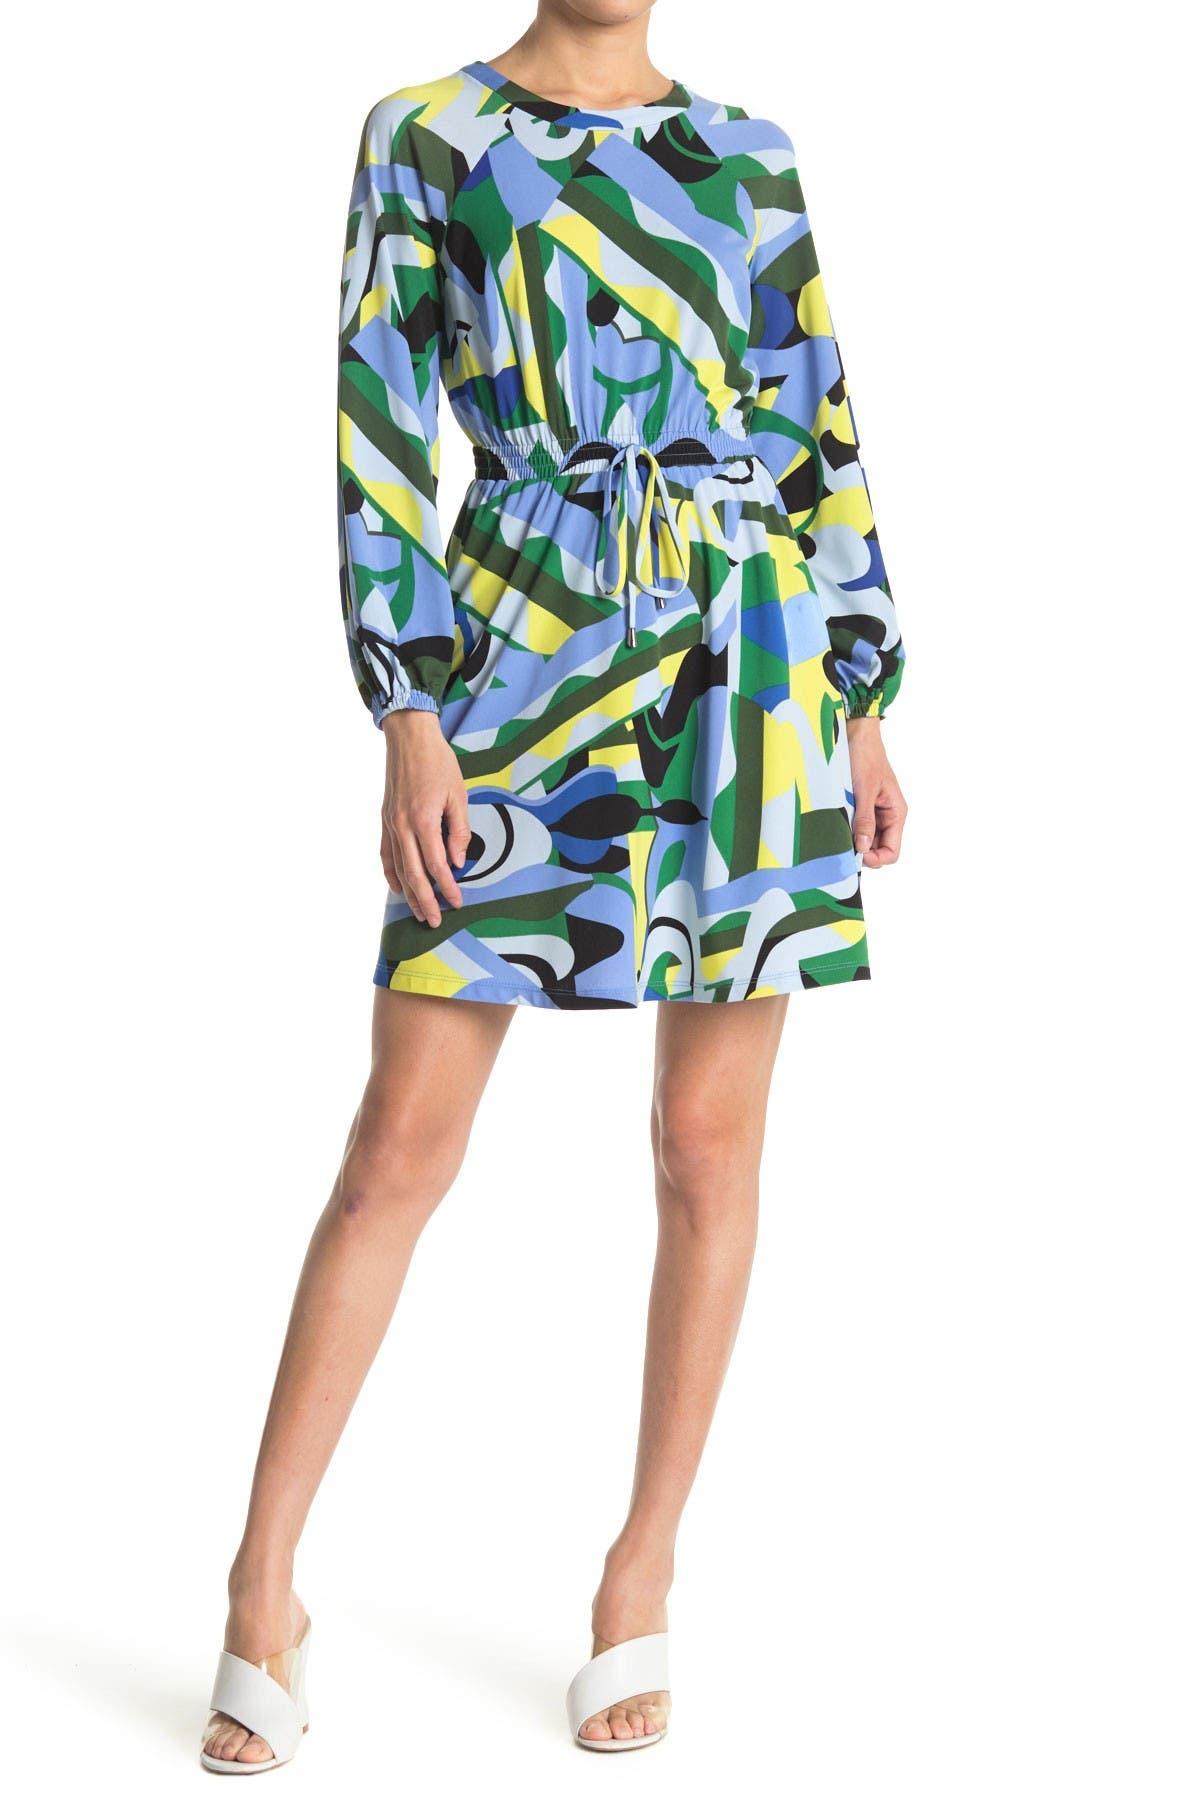 Image of Donna Morgan Abstract Print Drawstring Waist Dress